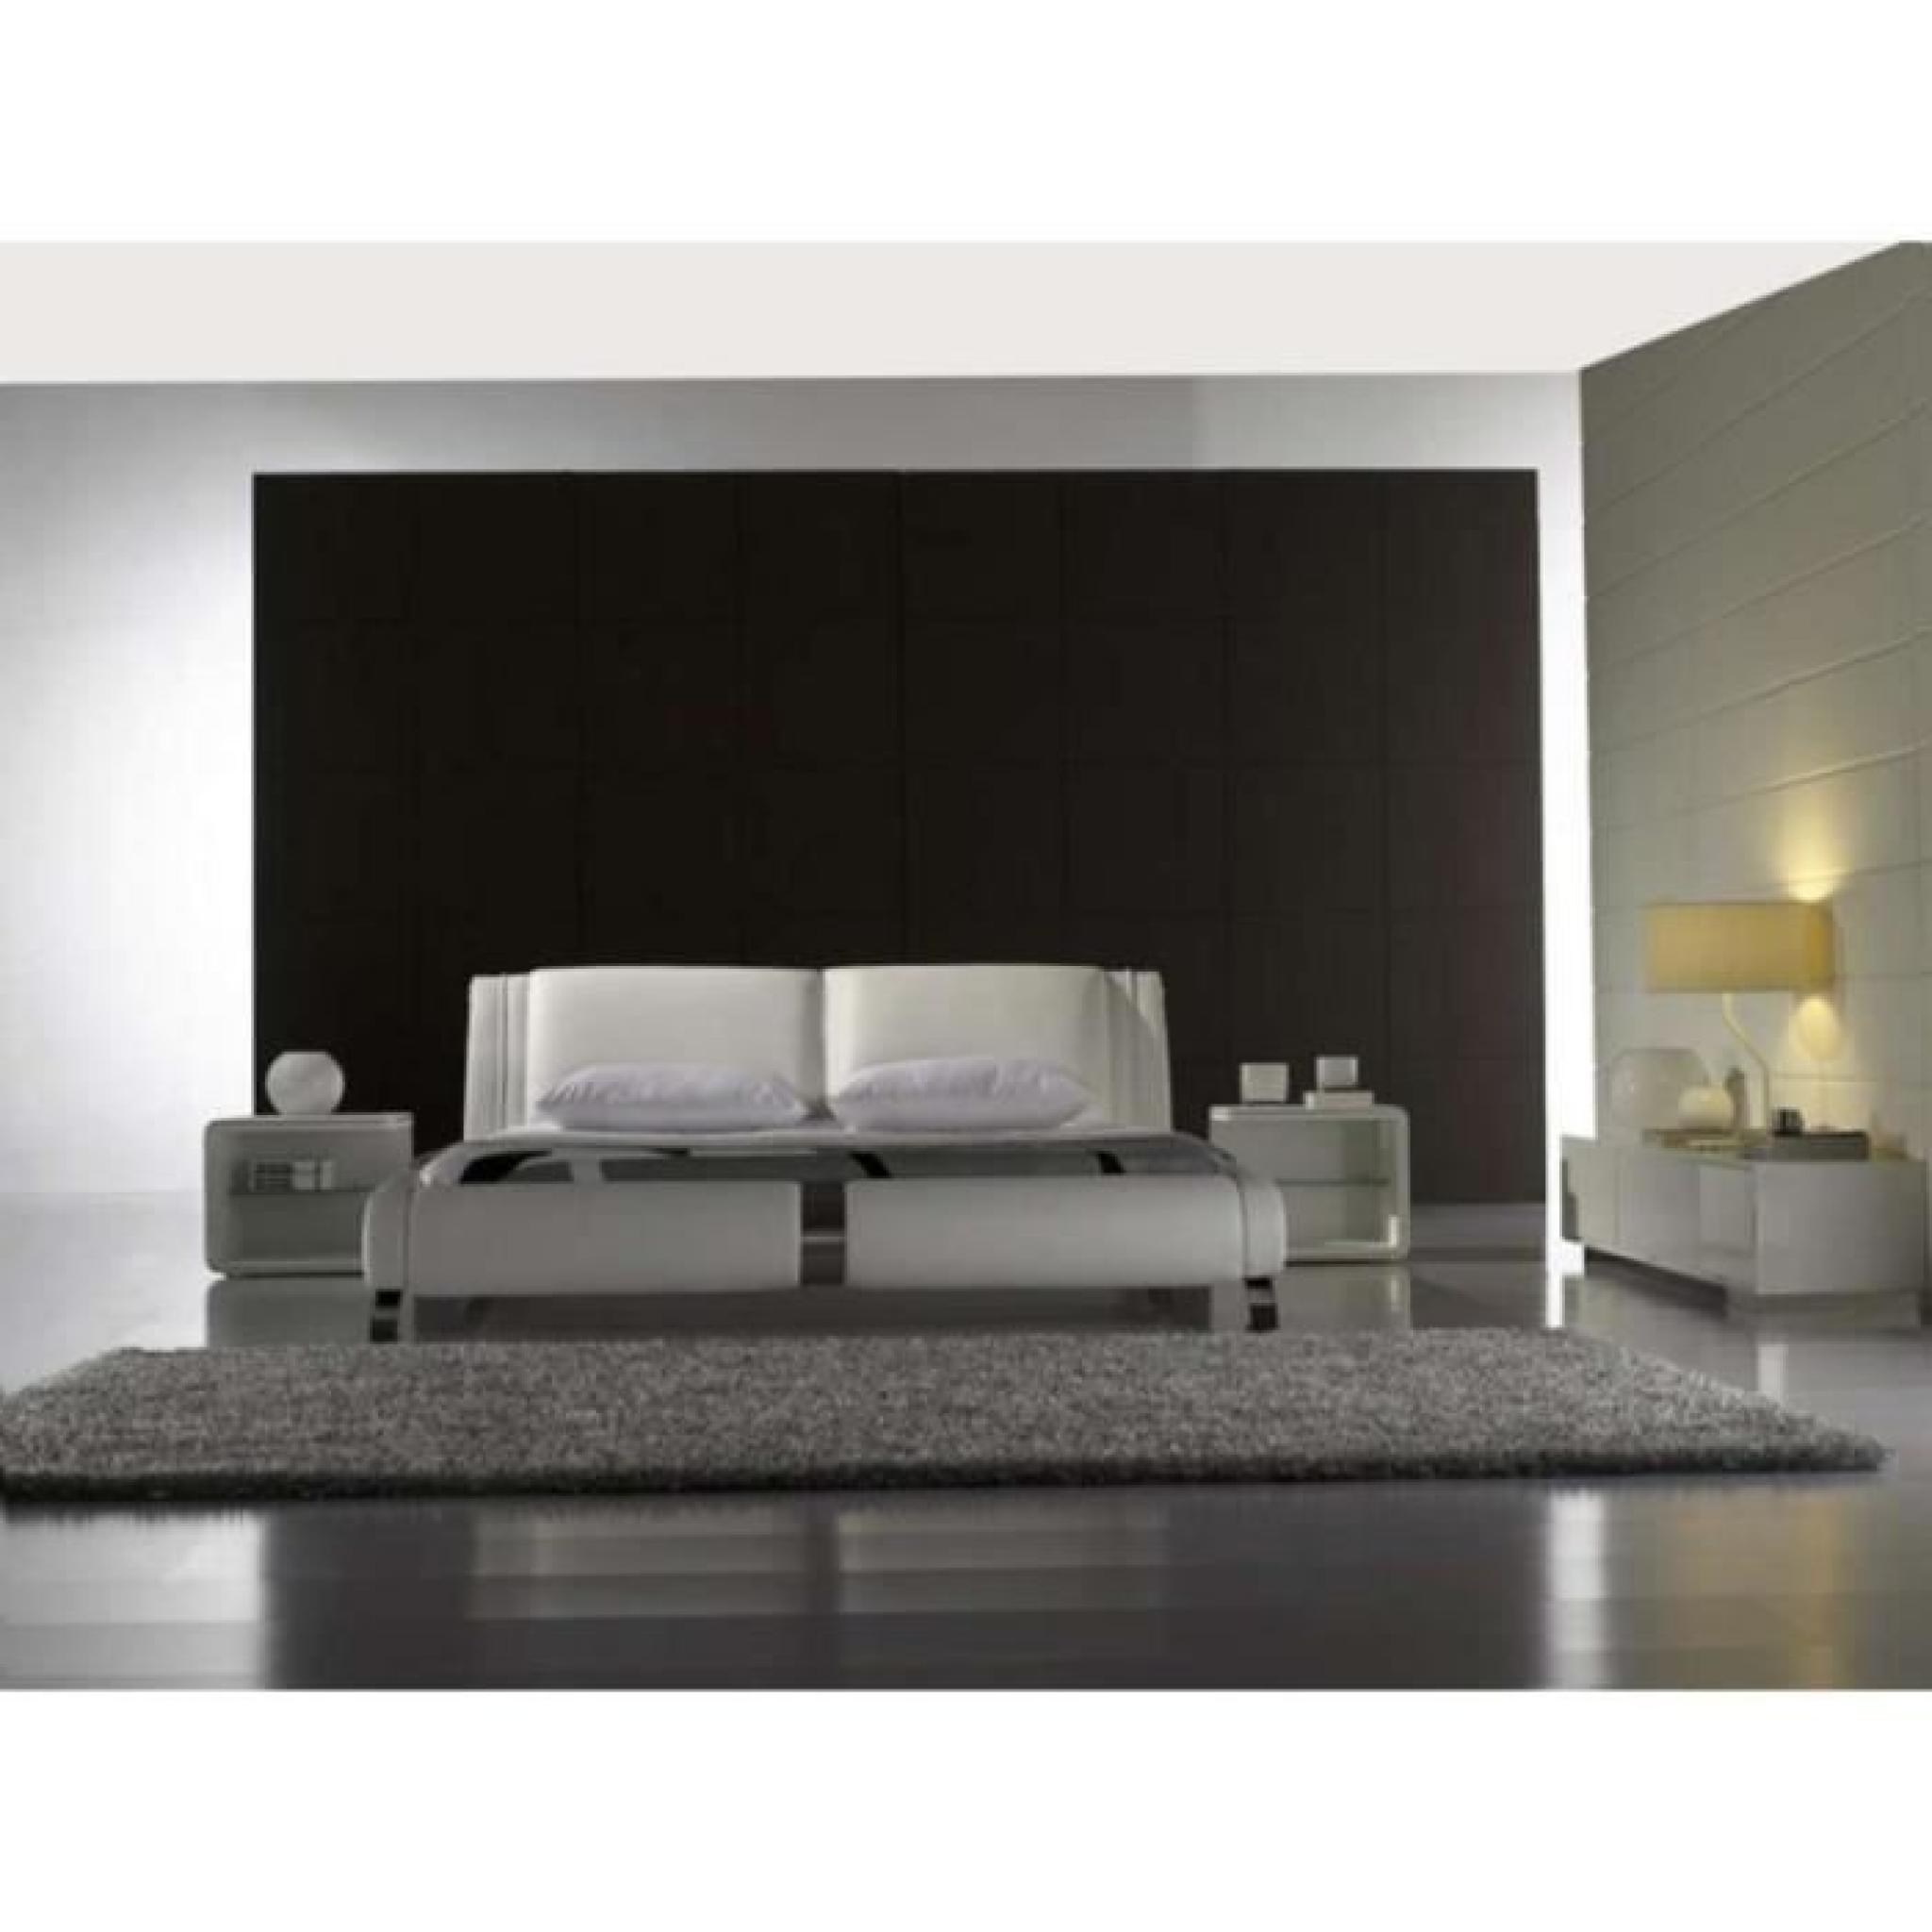 justhome ventura beige lit rembourr en cuir cologique taille 200 x 200 cm achat vente lit. Black Bedroom Furniture Sets. Home Design Ideas